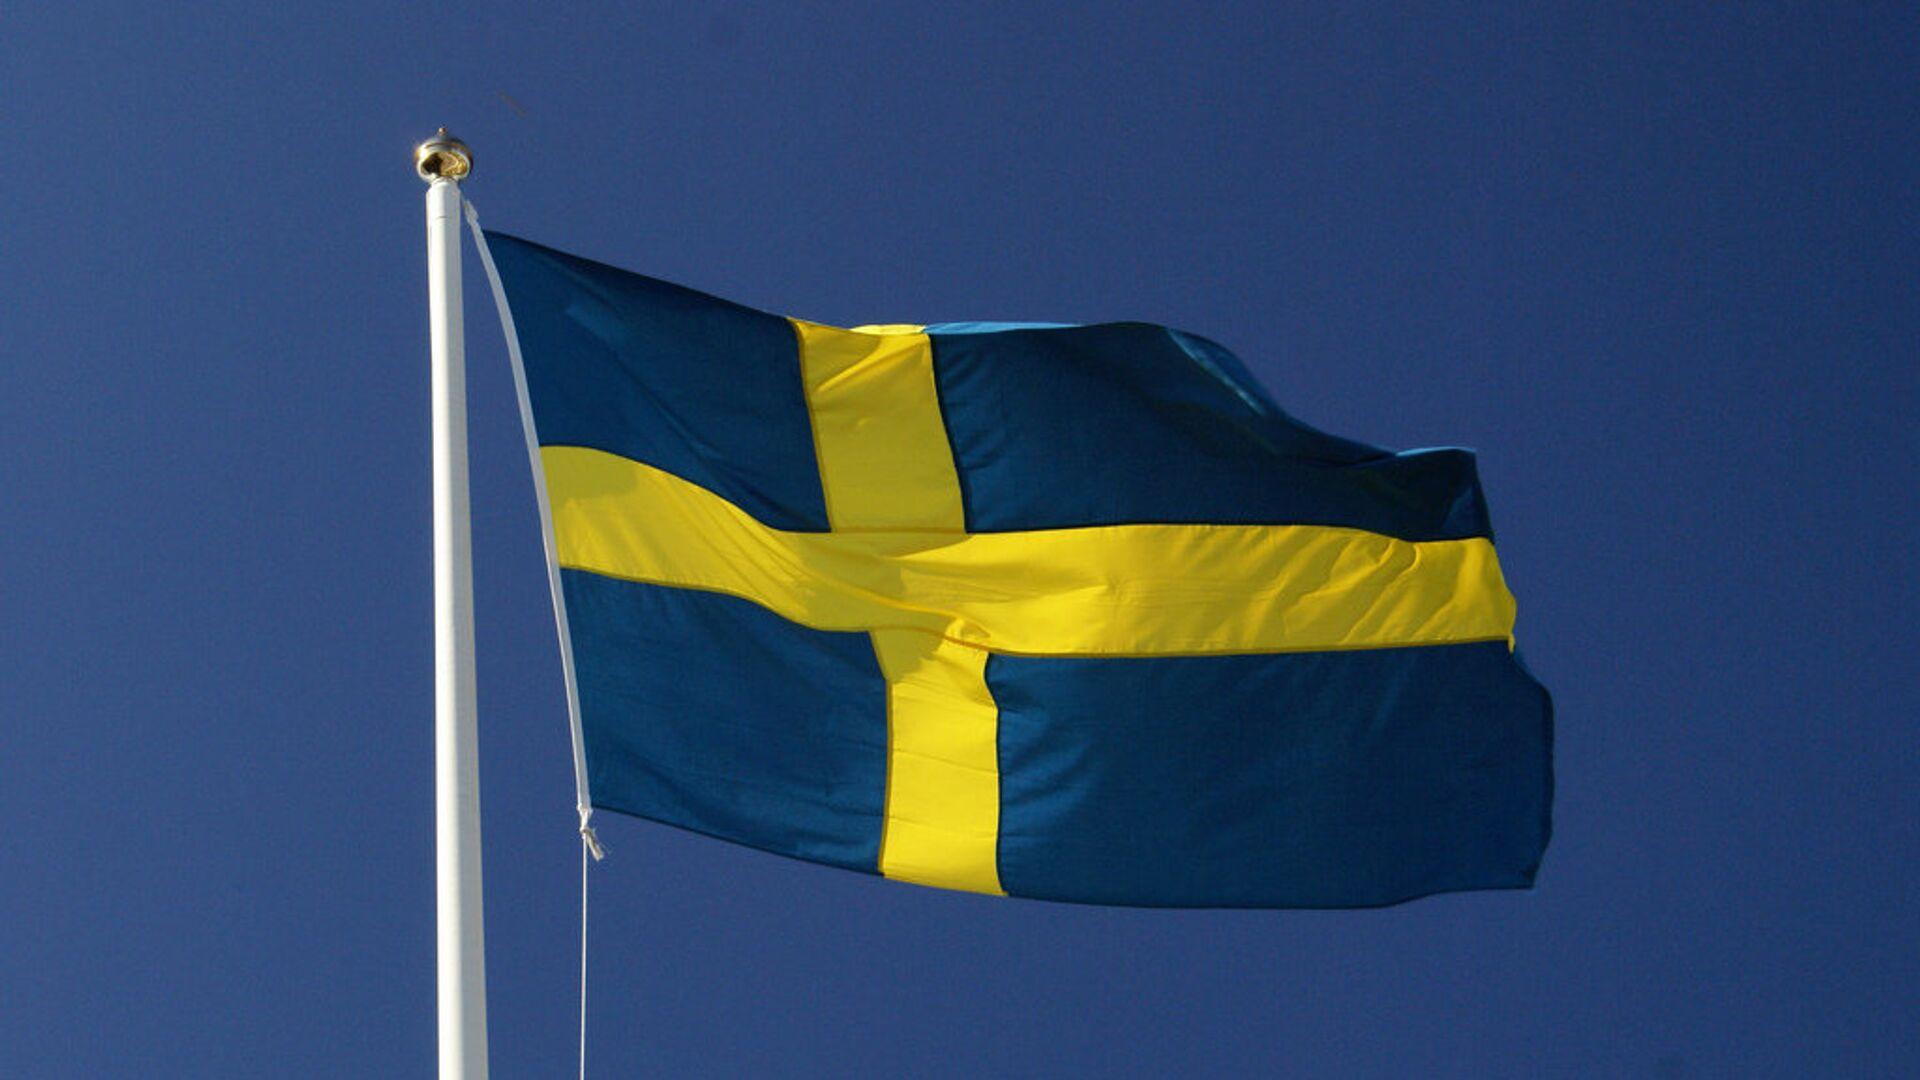 Шведский флаг - РИА Новости, 1920, 13.05.2021